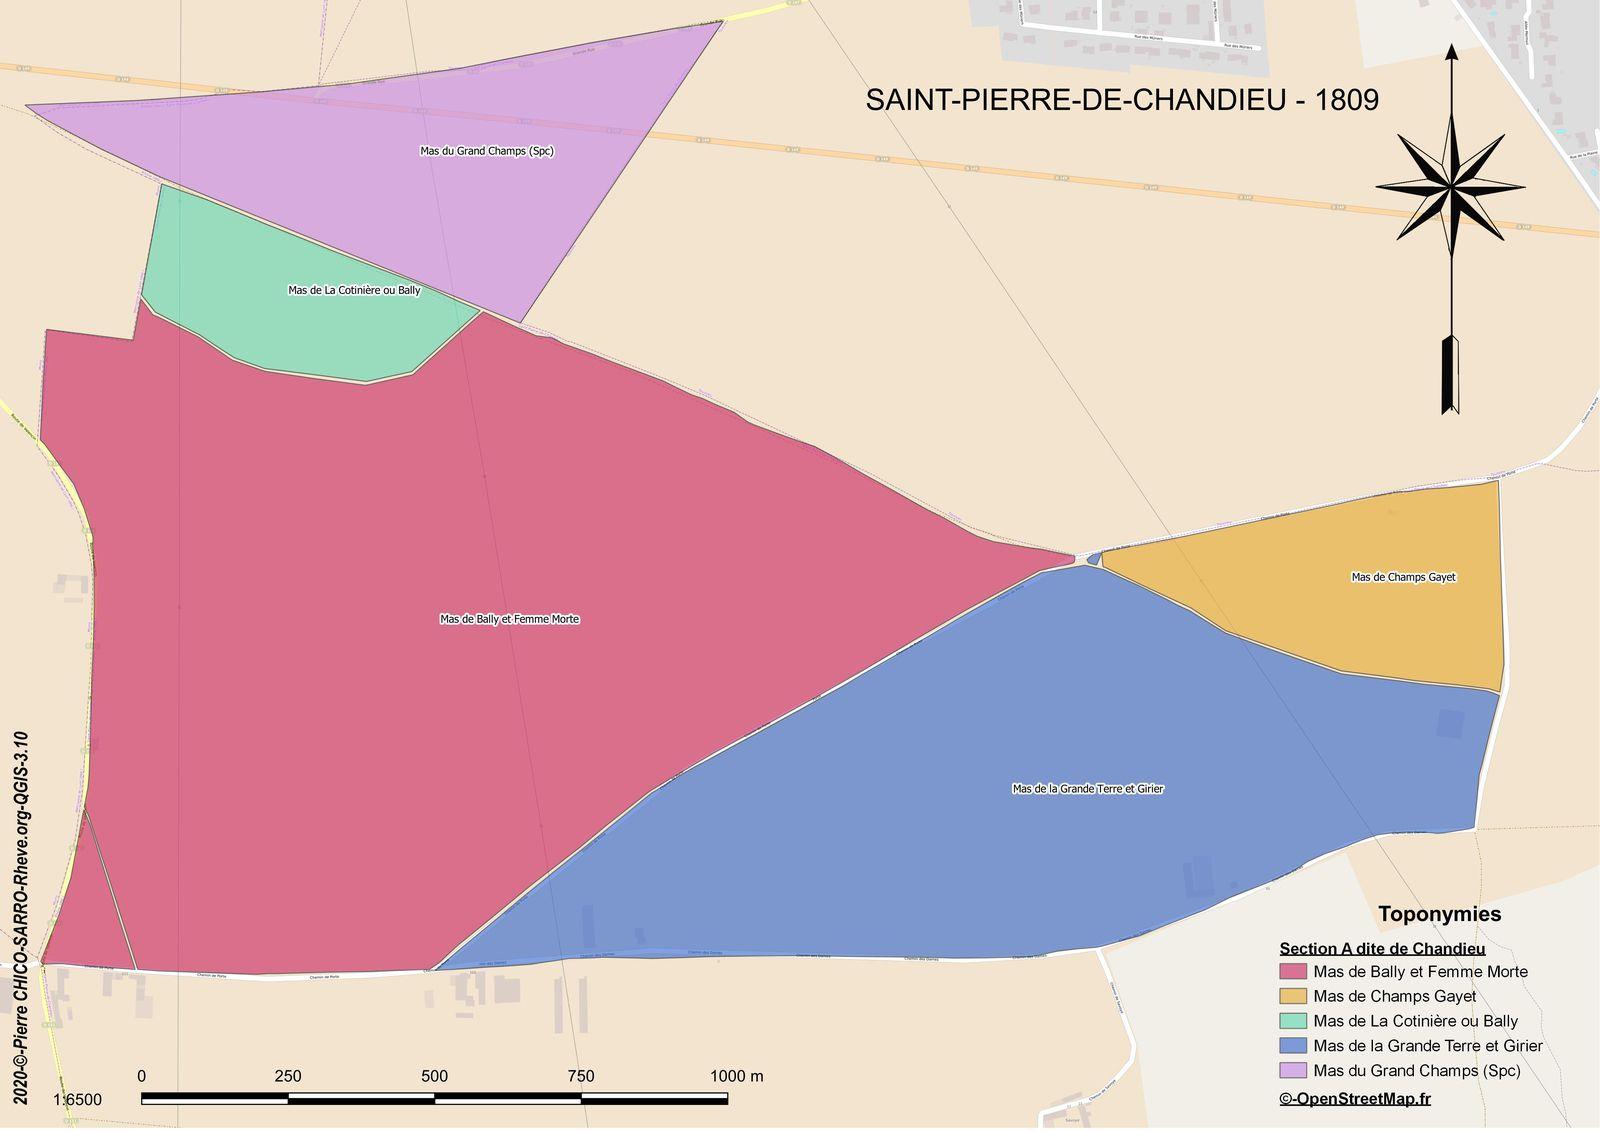 Carte de la localisation des toponymes dans la section A dite de Chandieu à Saint-Pierre-Chandieu en 1810